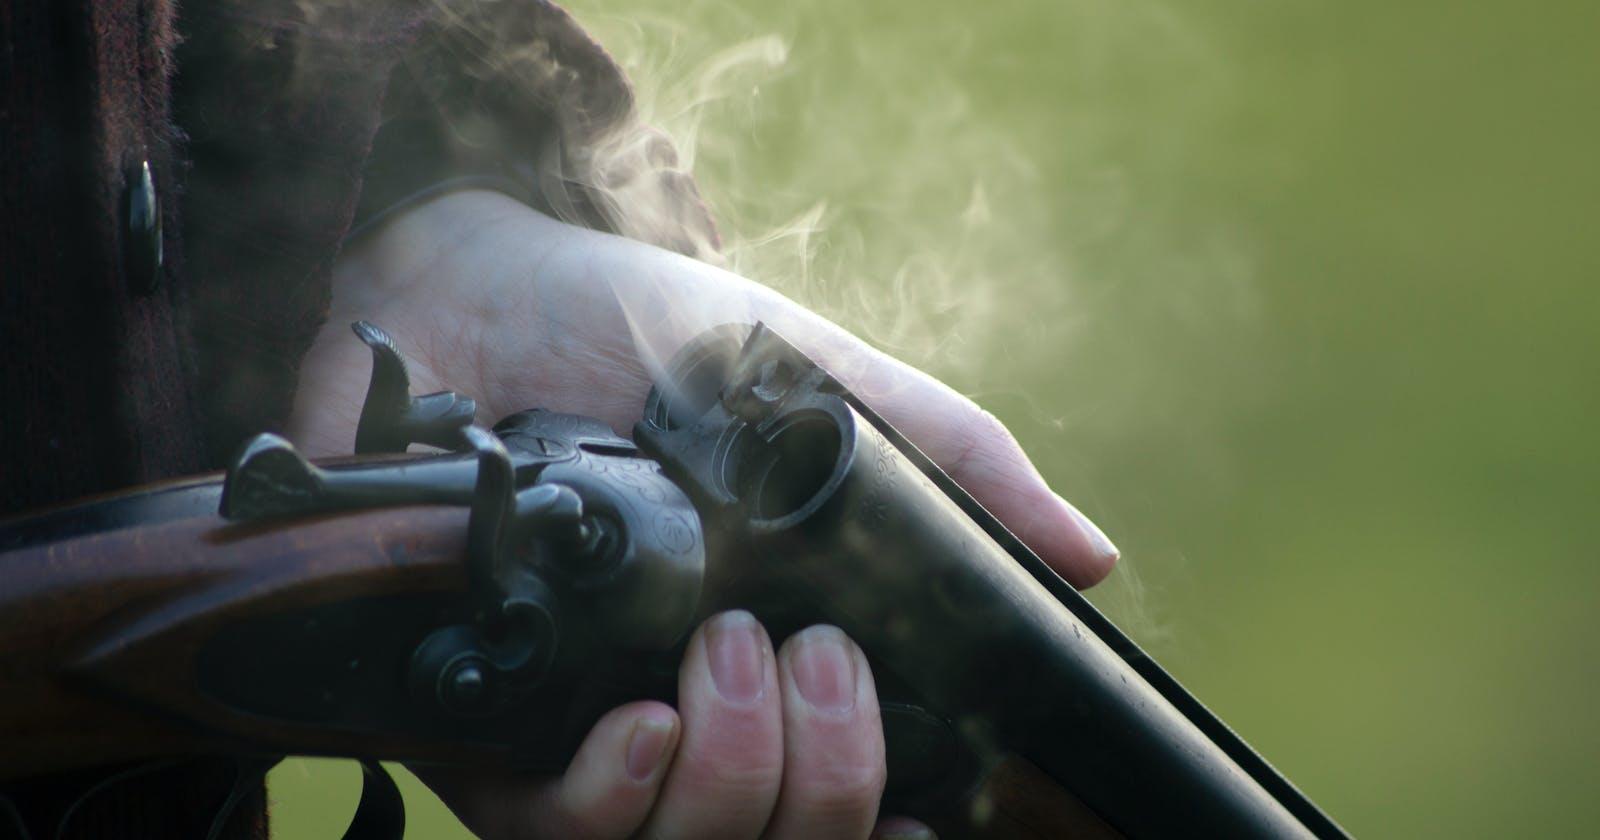 Code Smell 66 - Shotgun Surgery